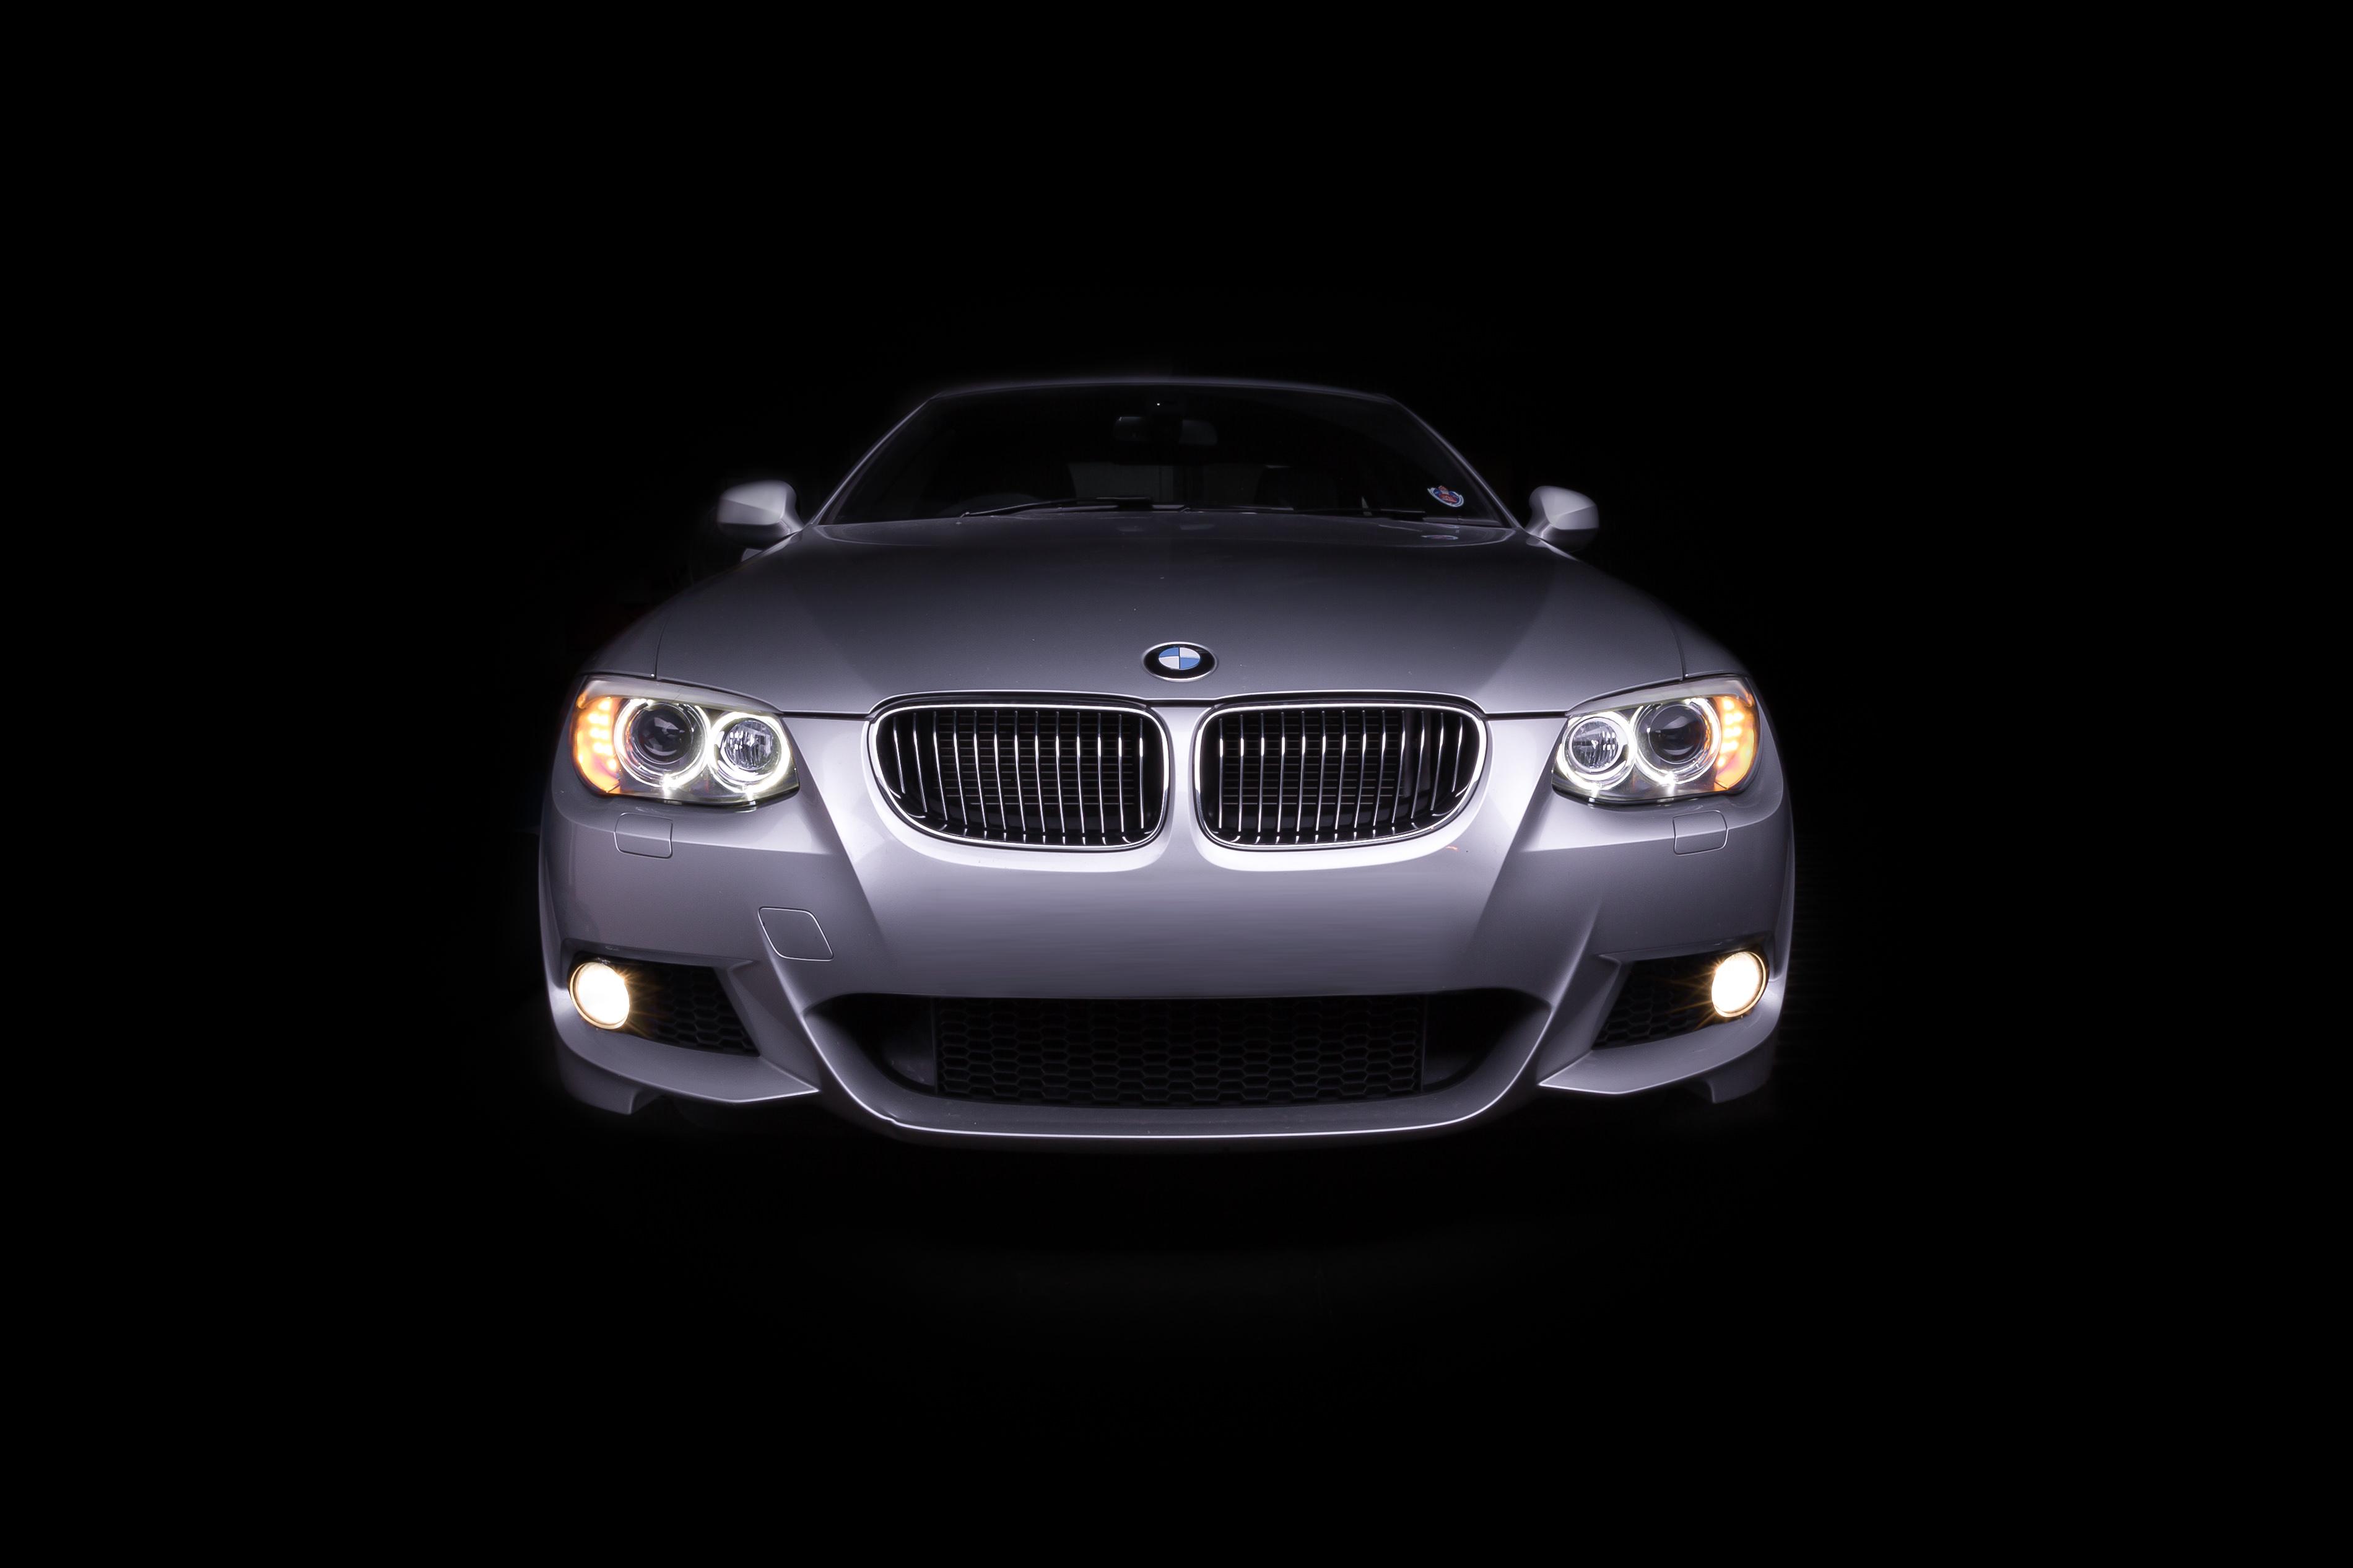 Light painted bonnet of BMW m235i automotive photography